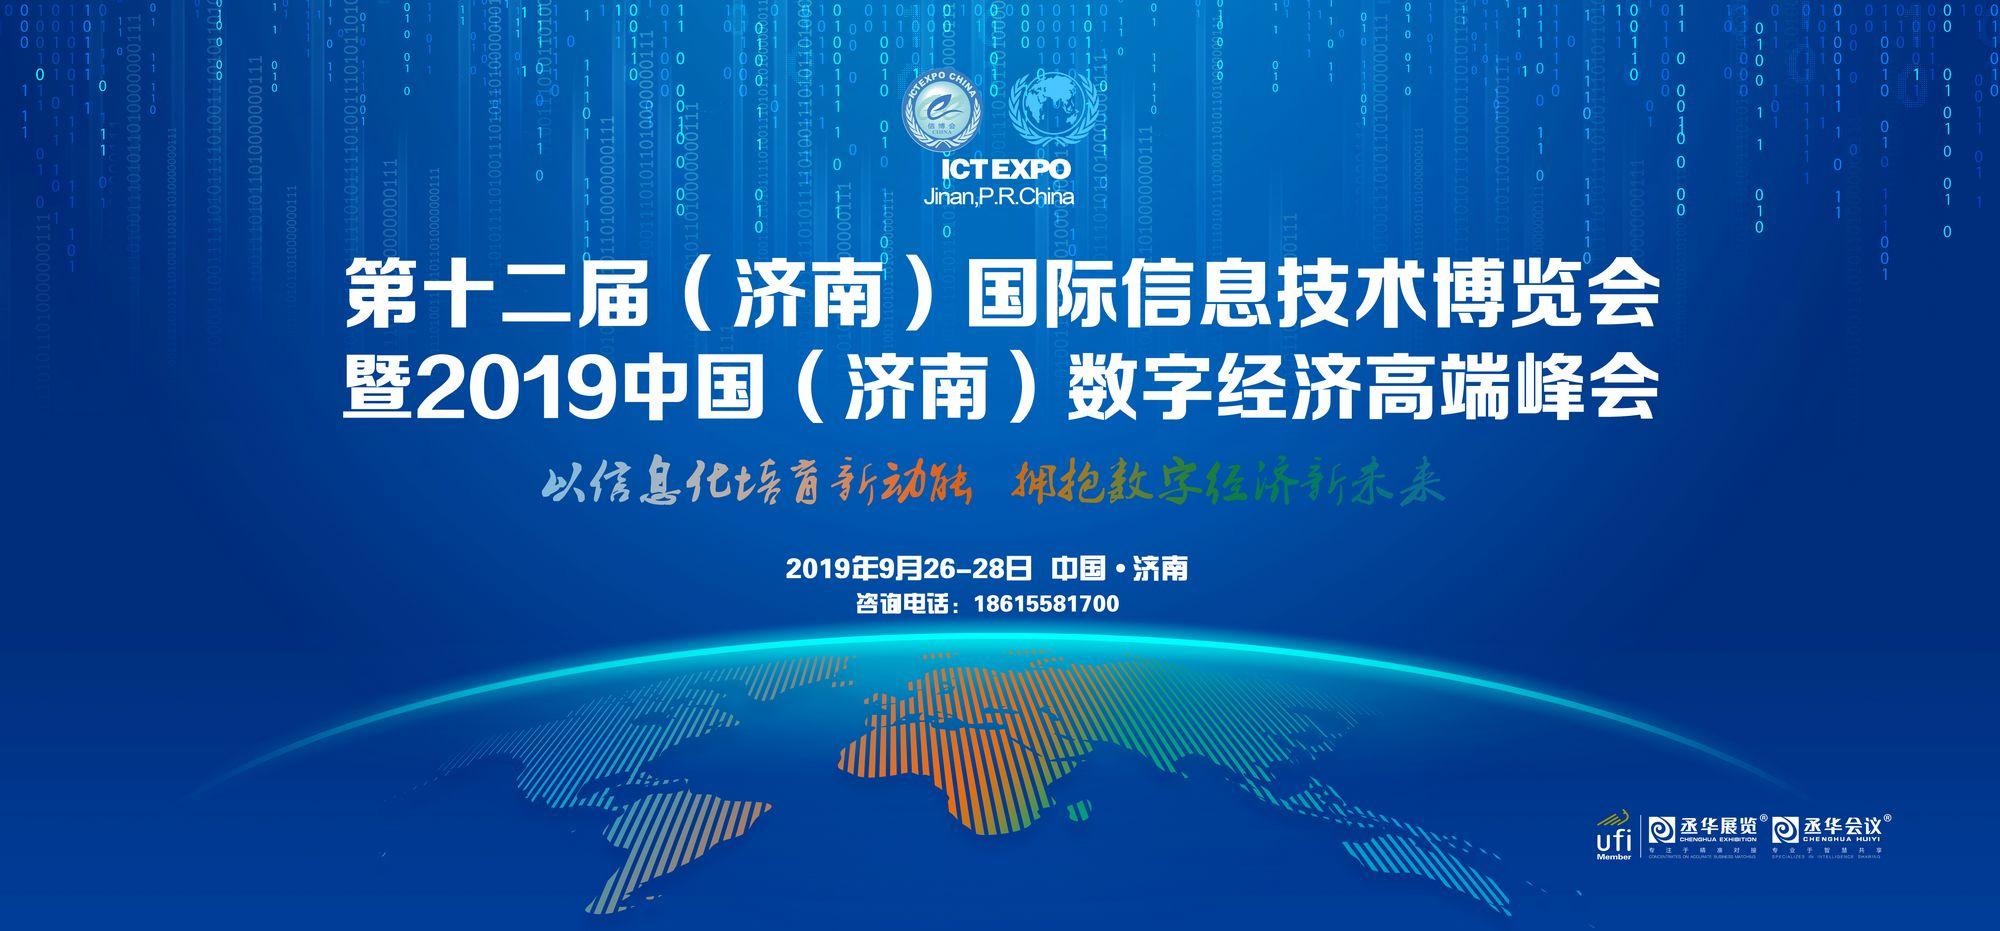 第十二届济南国际信息技